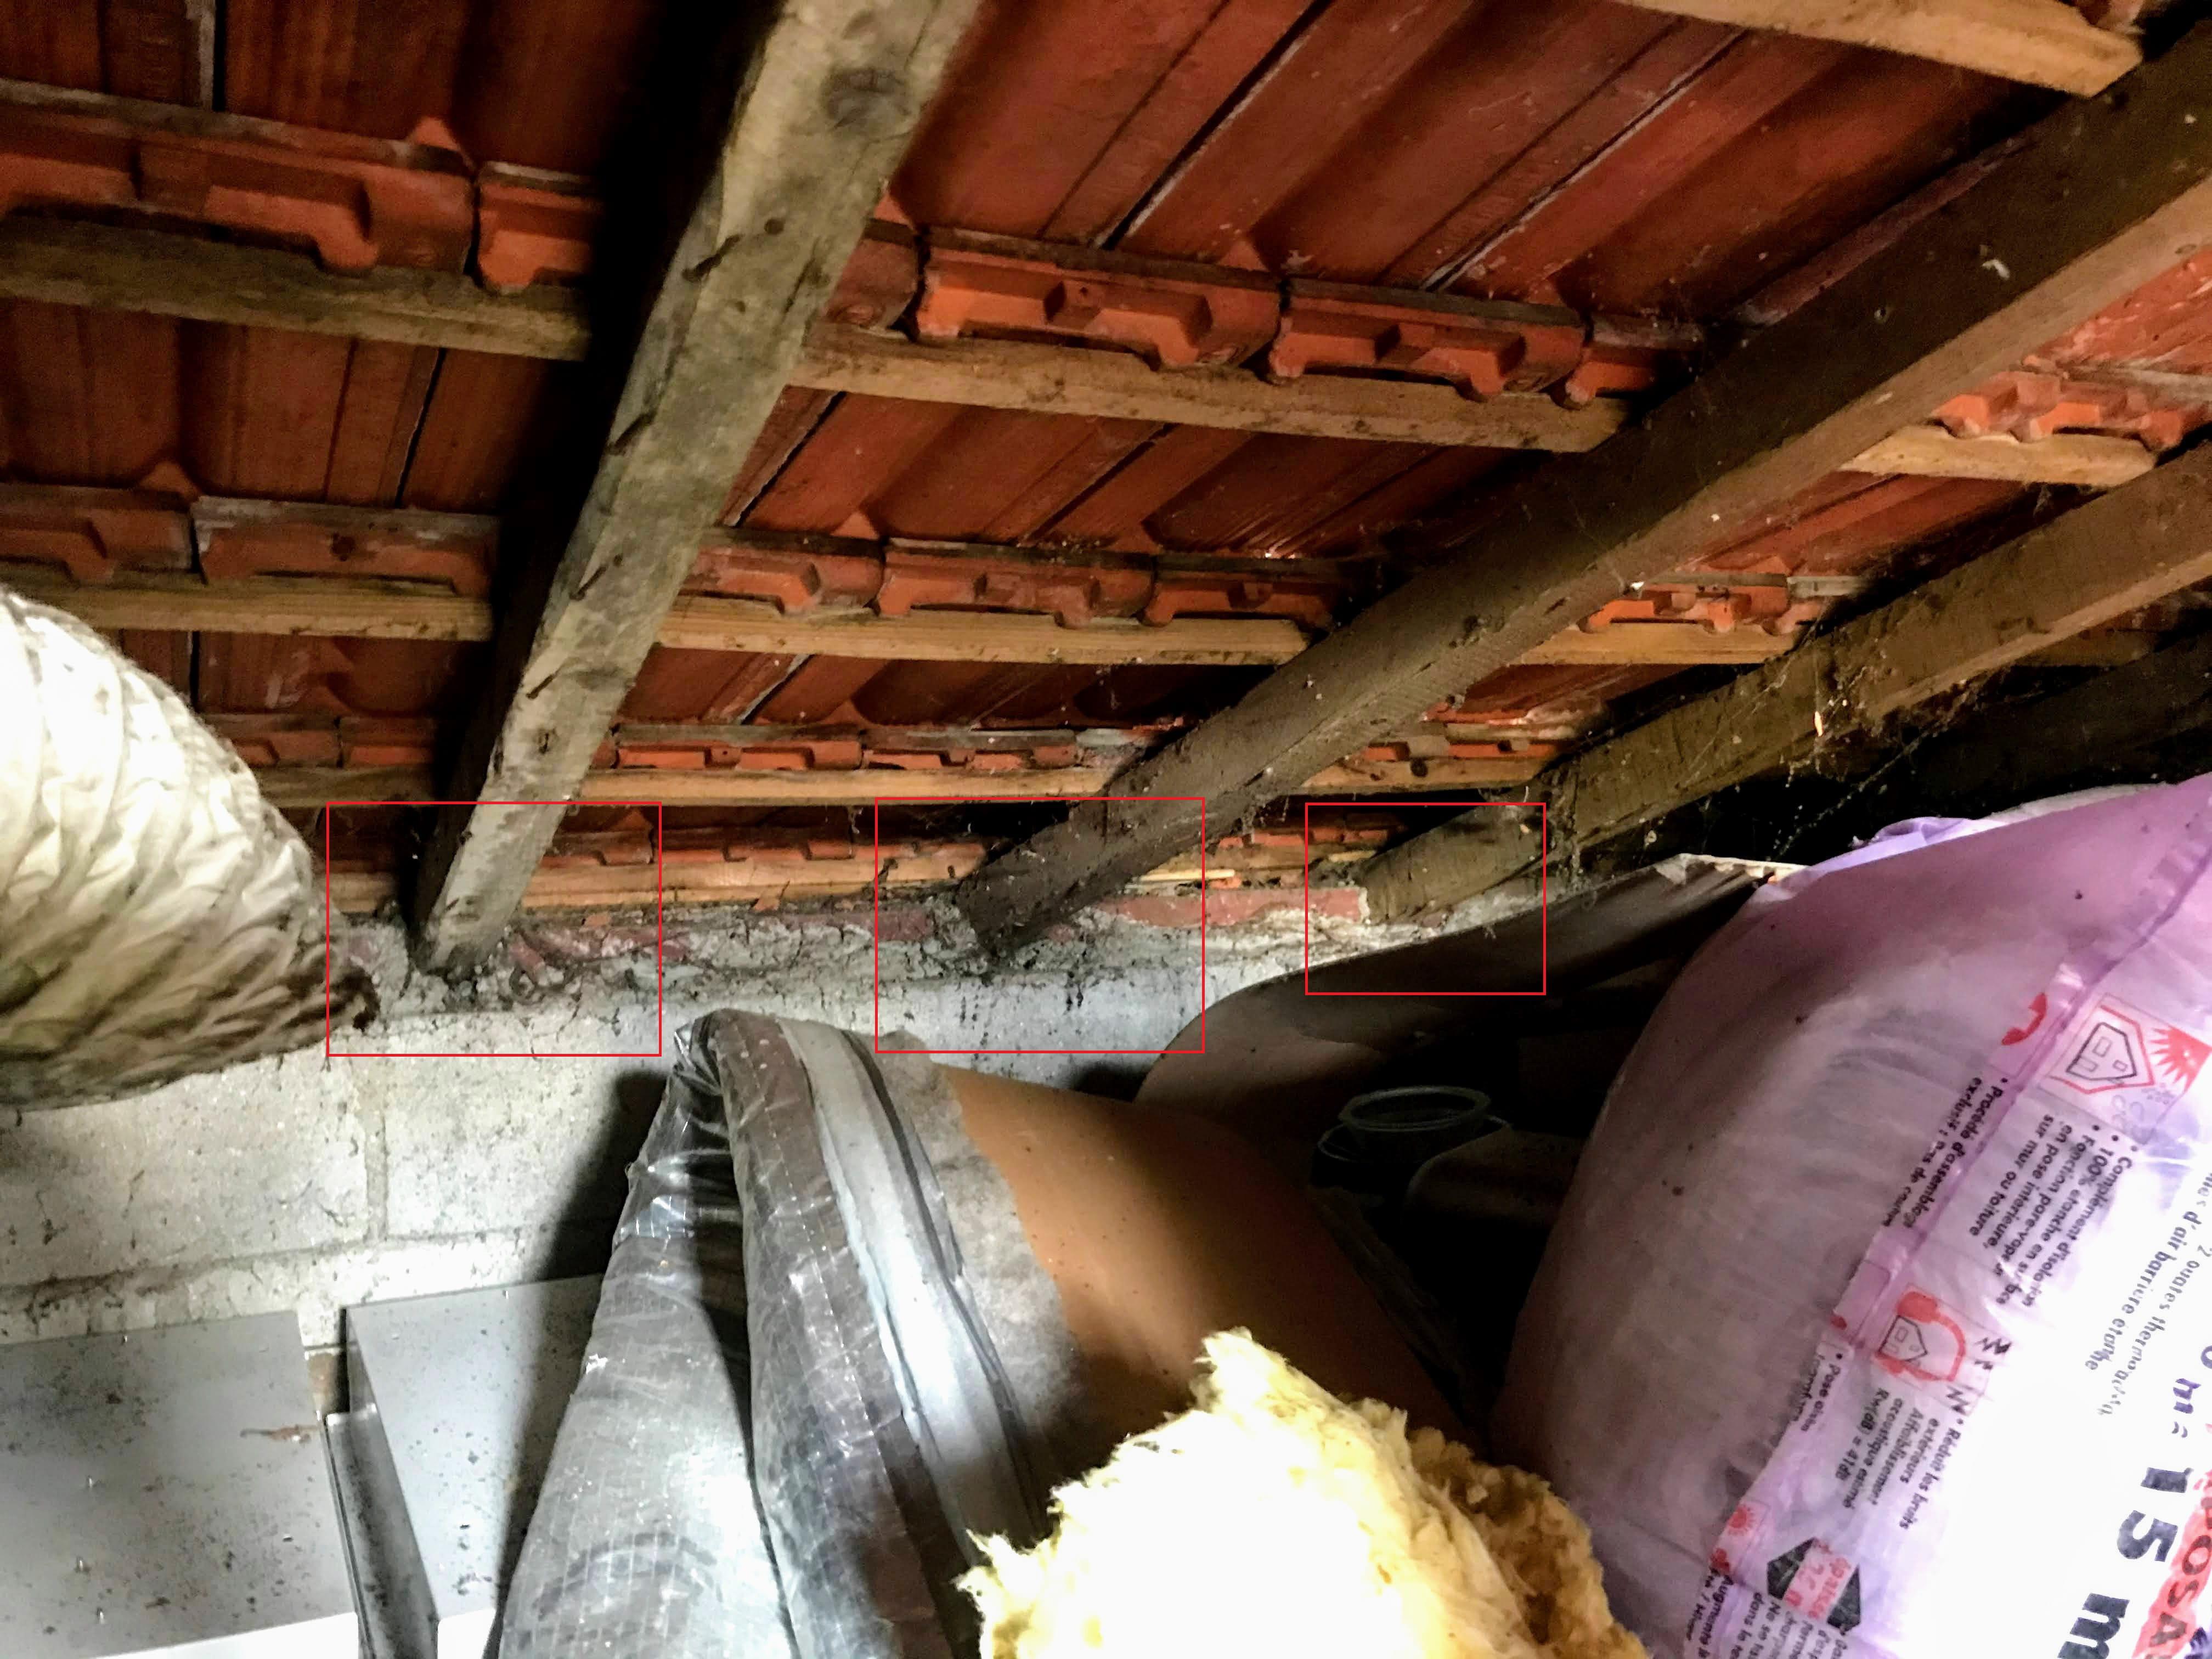 Rénovation toiture 1 pan - Linternaute.com